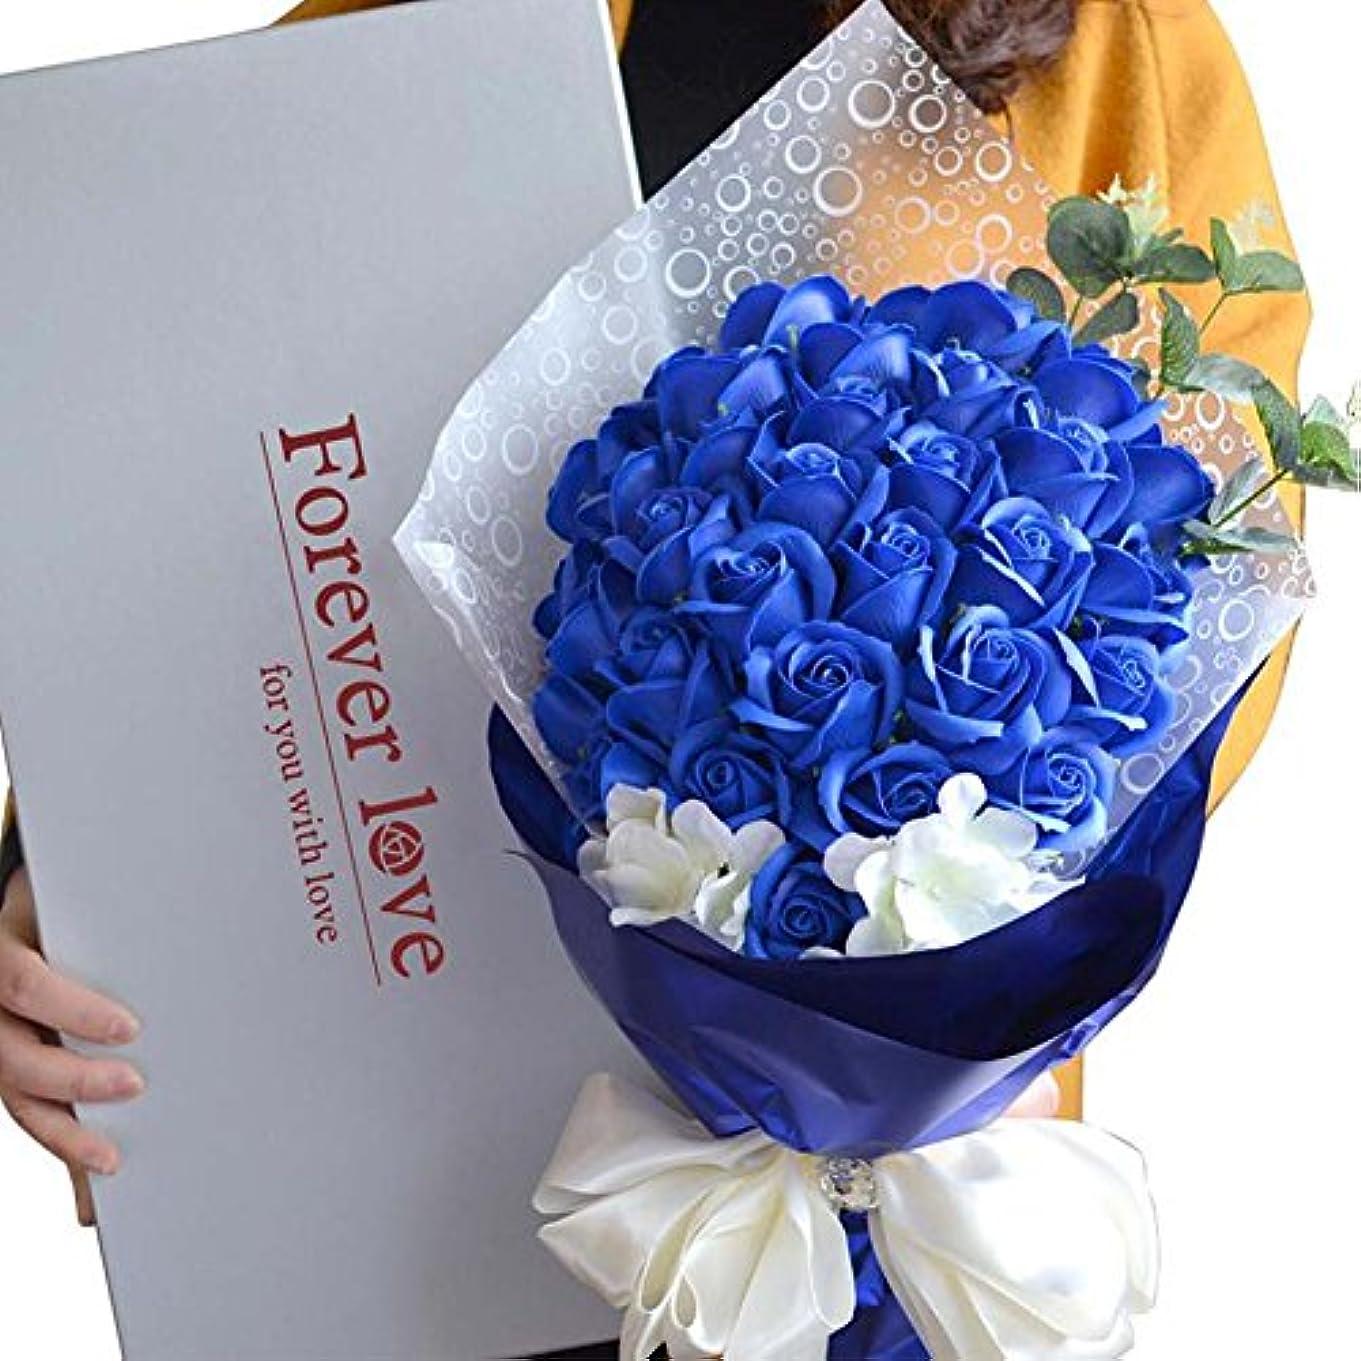 間隔ナースクレタバスソープローズフラワーブーケは、結婚式のバレンタインデーのプレゼントを保持する決してフェスティバル、結婚提案、バレンタインデーに適しています。